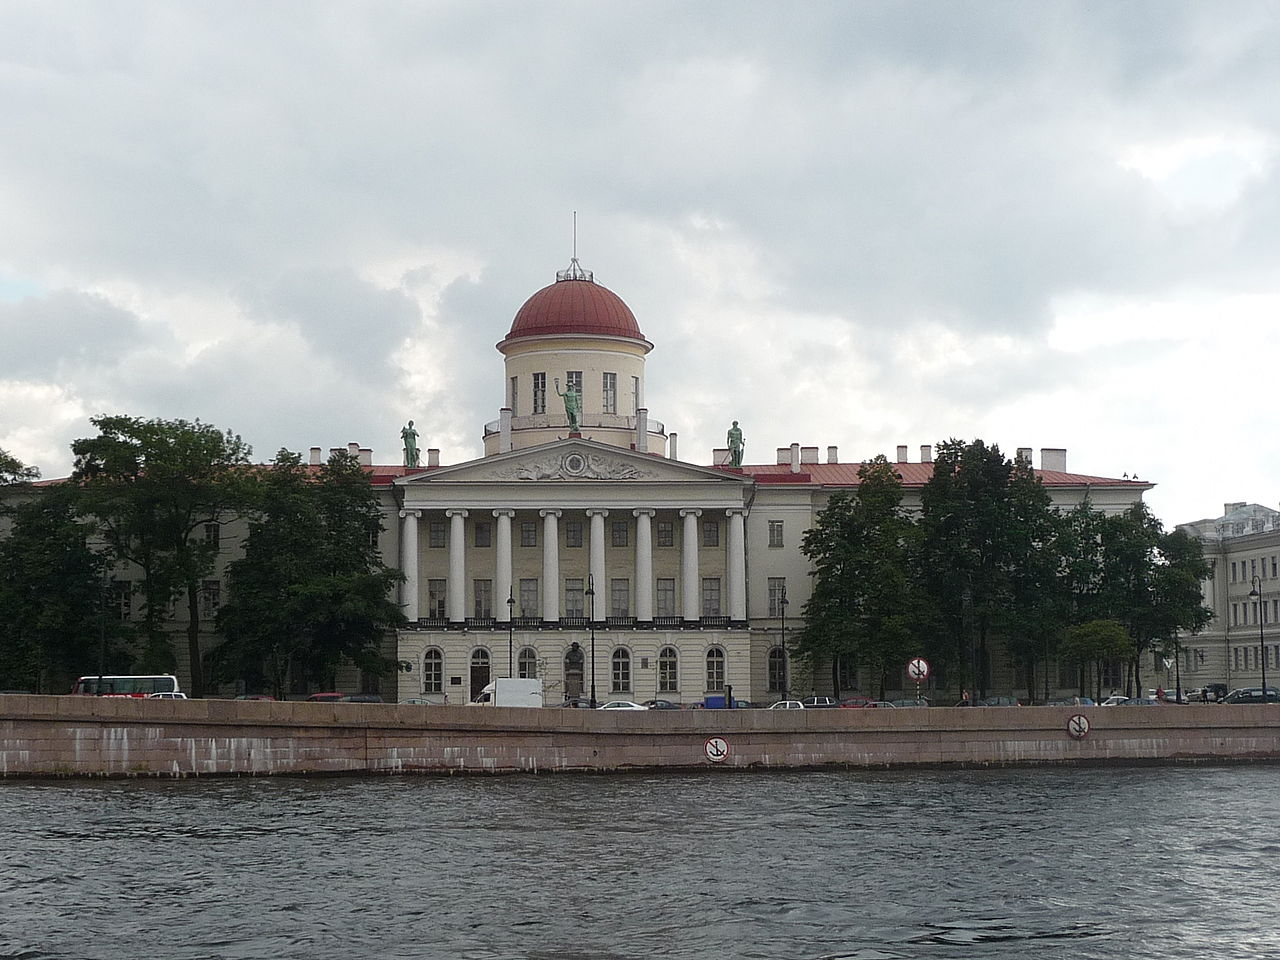 Музей института русской литературы «Пушкинский дом» (Санкт-Петербург)